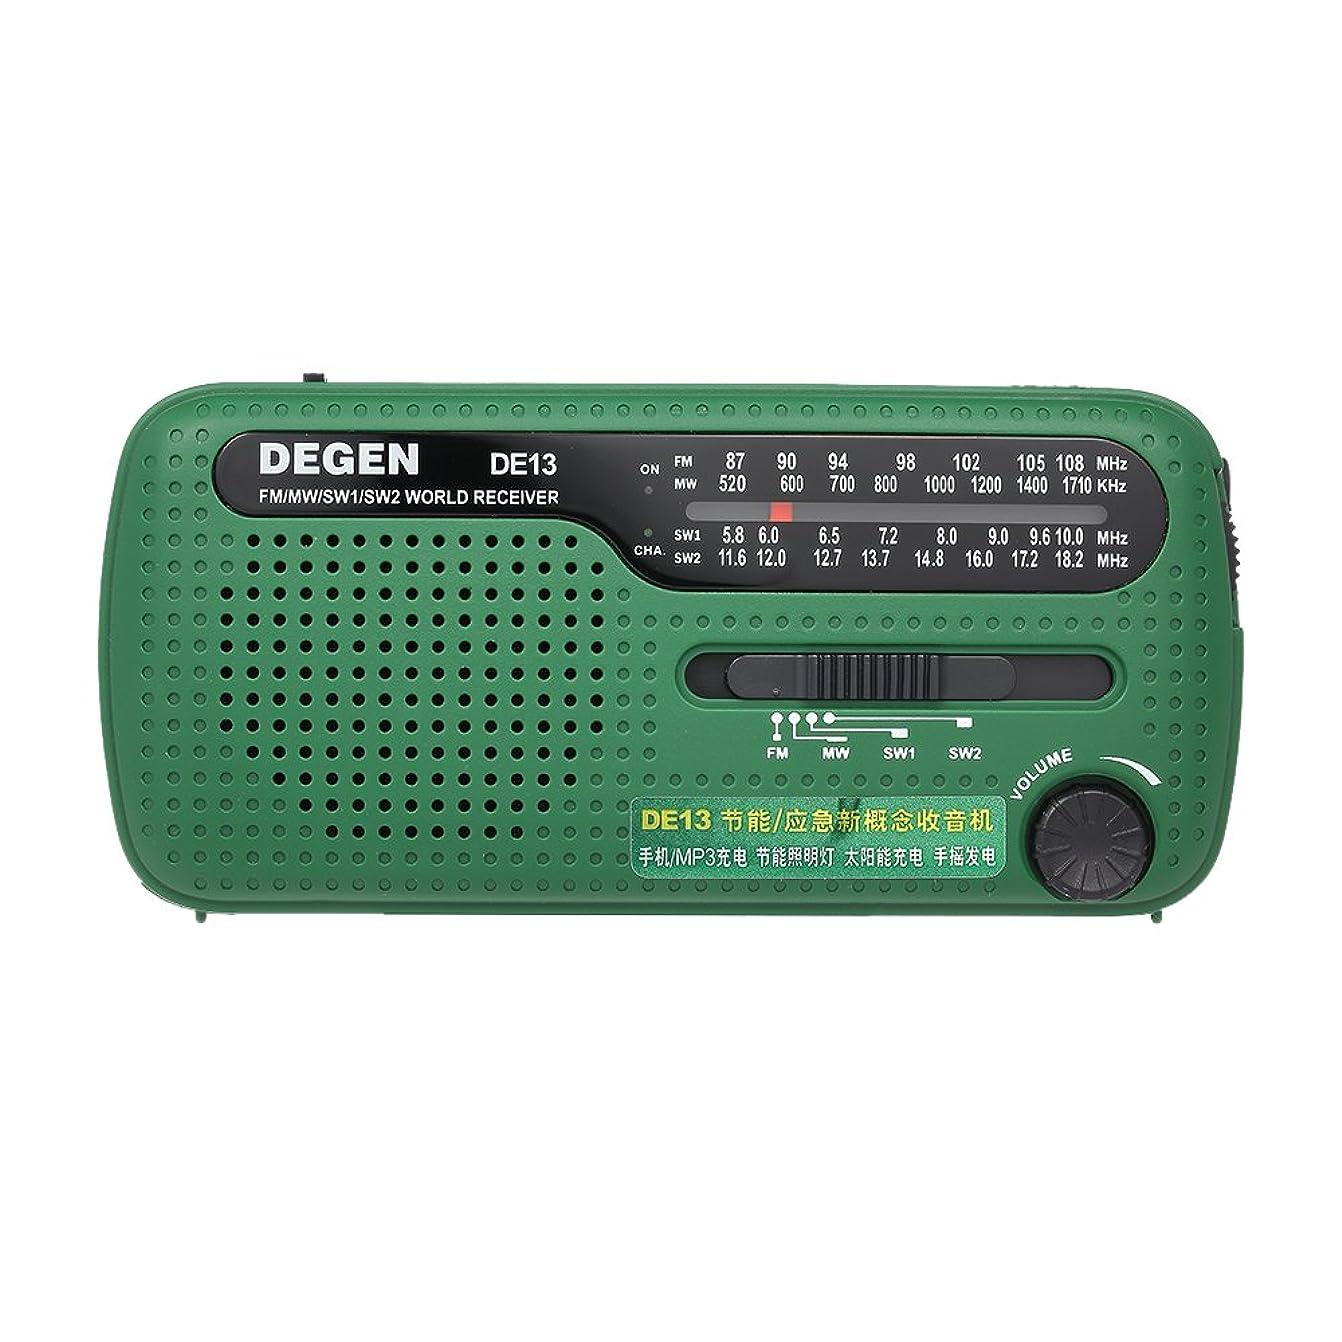 受益者ソーシャル優先KKmoon DEGEN DE13 FMラジオ FM MW SW世界銀行レシーバ懐中電灯クランクダイナミックソーラー電源屋外活動 ため 携帯電話MP3 MP4充電器とソーラー緊急ラジオ